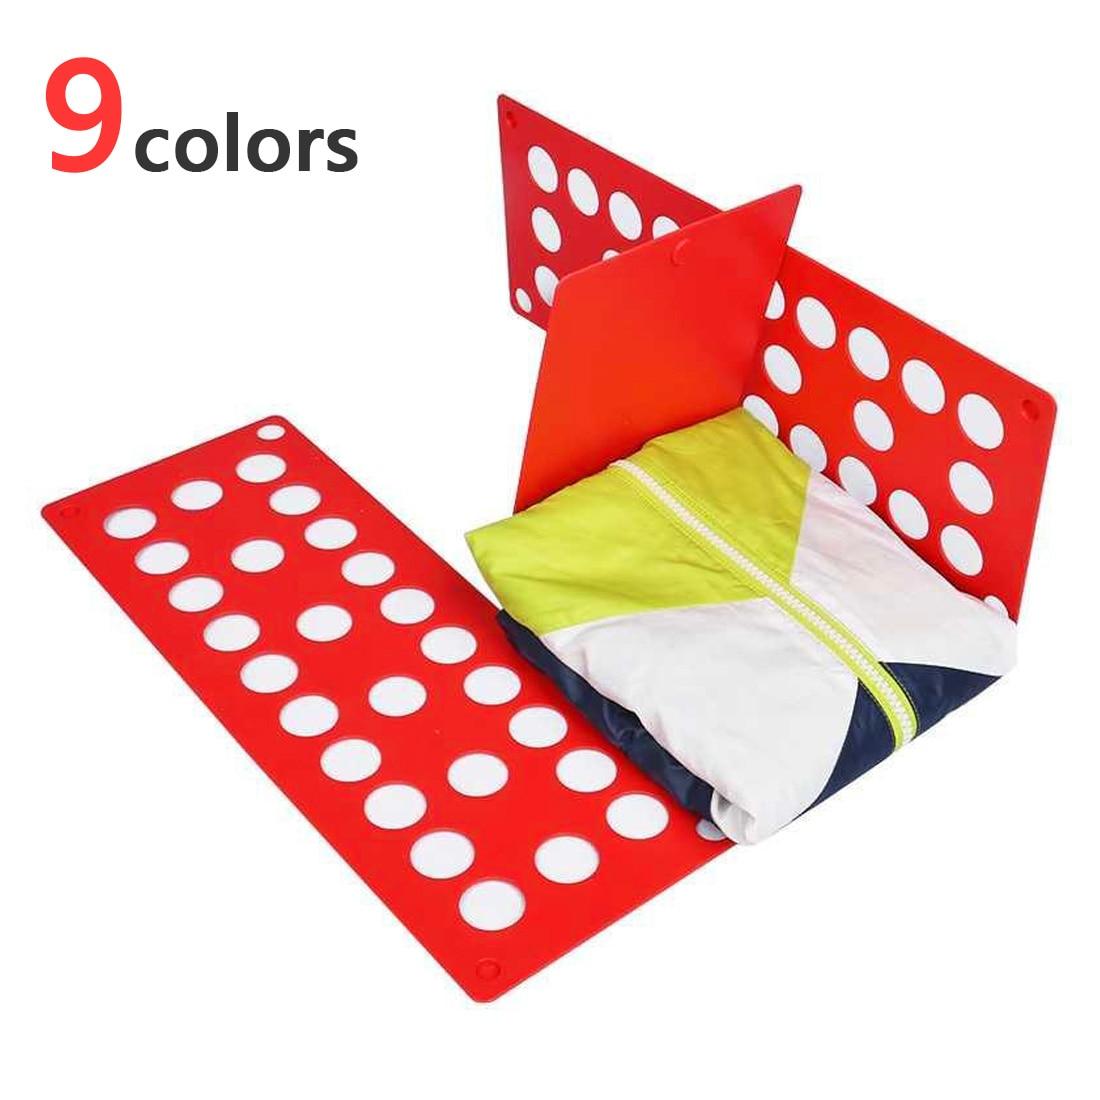 Carpeta de ropa mágica para niños y adultos, organizador de camisetas, tablero plegable ajustable, tabla plegable para ropa rápida, soporte para ropa